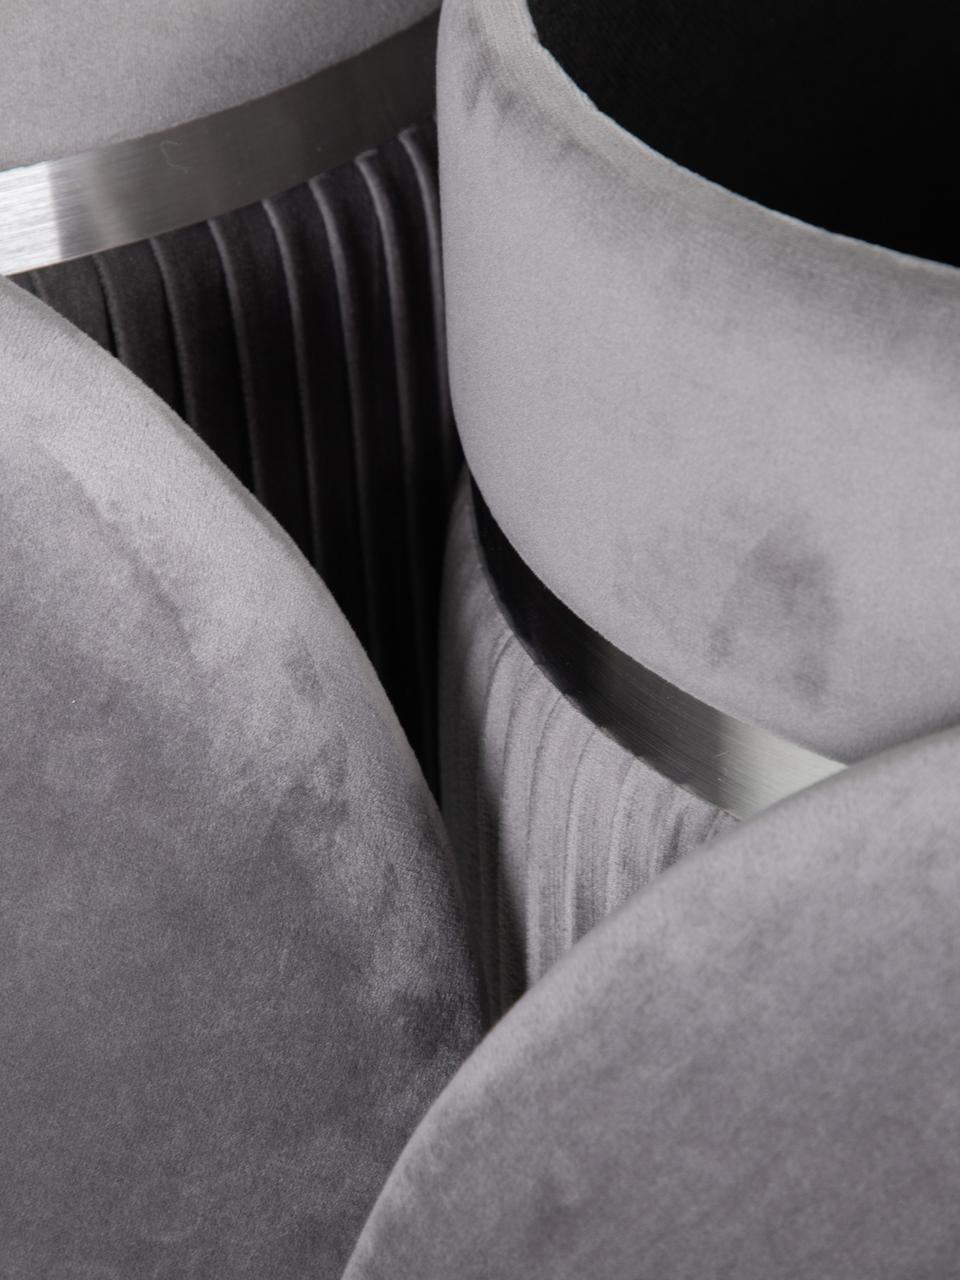 Samt-Hocker 2er Set Chest mit Stauraum, Bezug: Polyester (Samt), Grau, Silberfarben, Sondergrößen